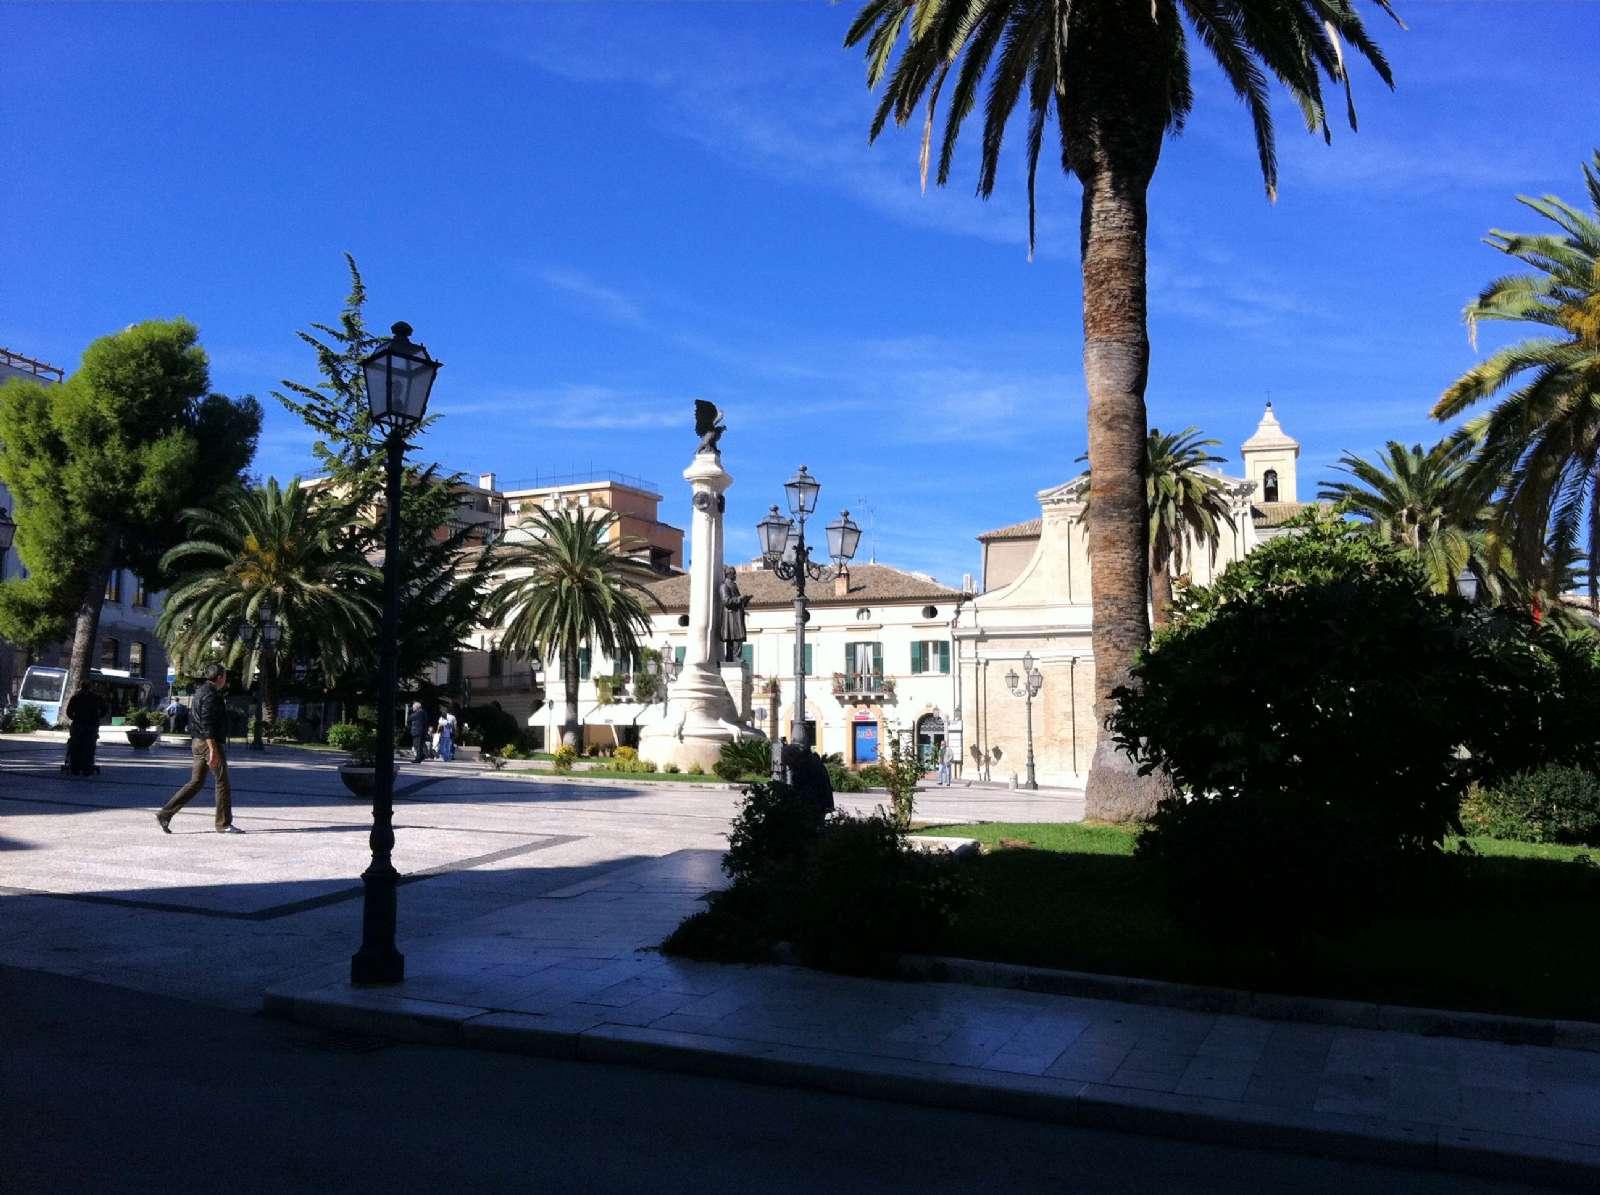 Piazza Gabriele Rossetti